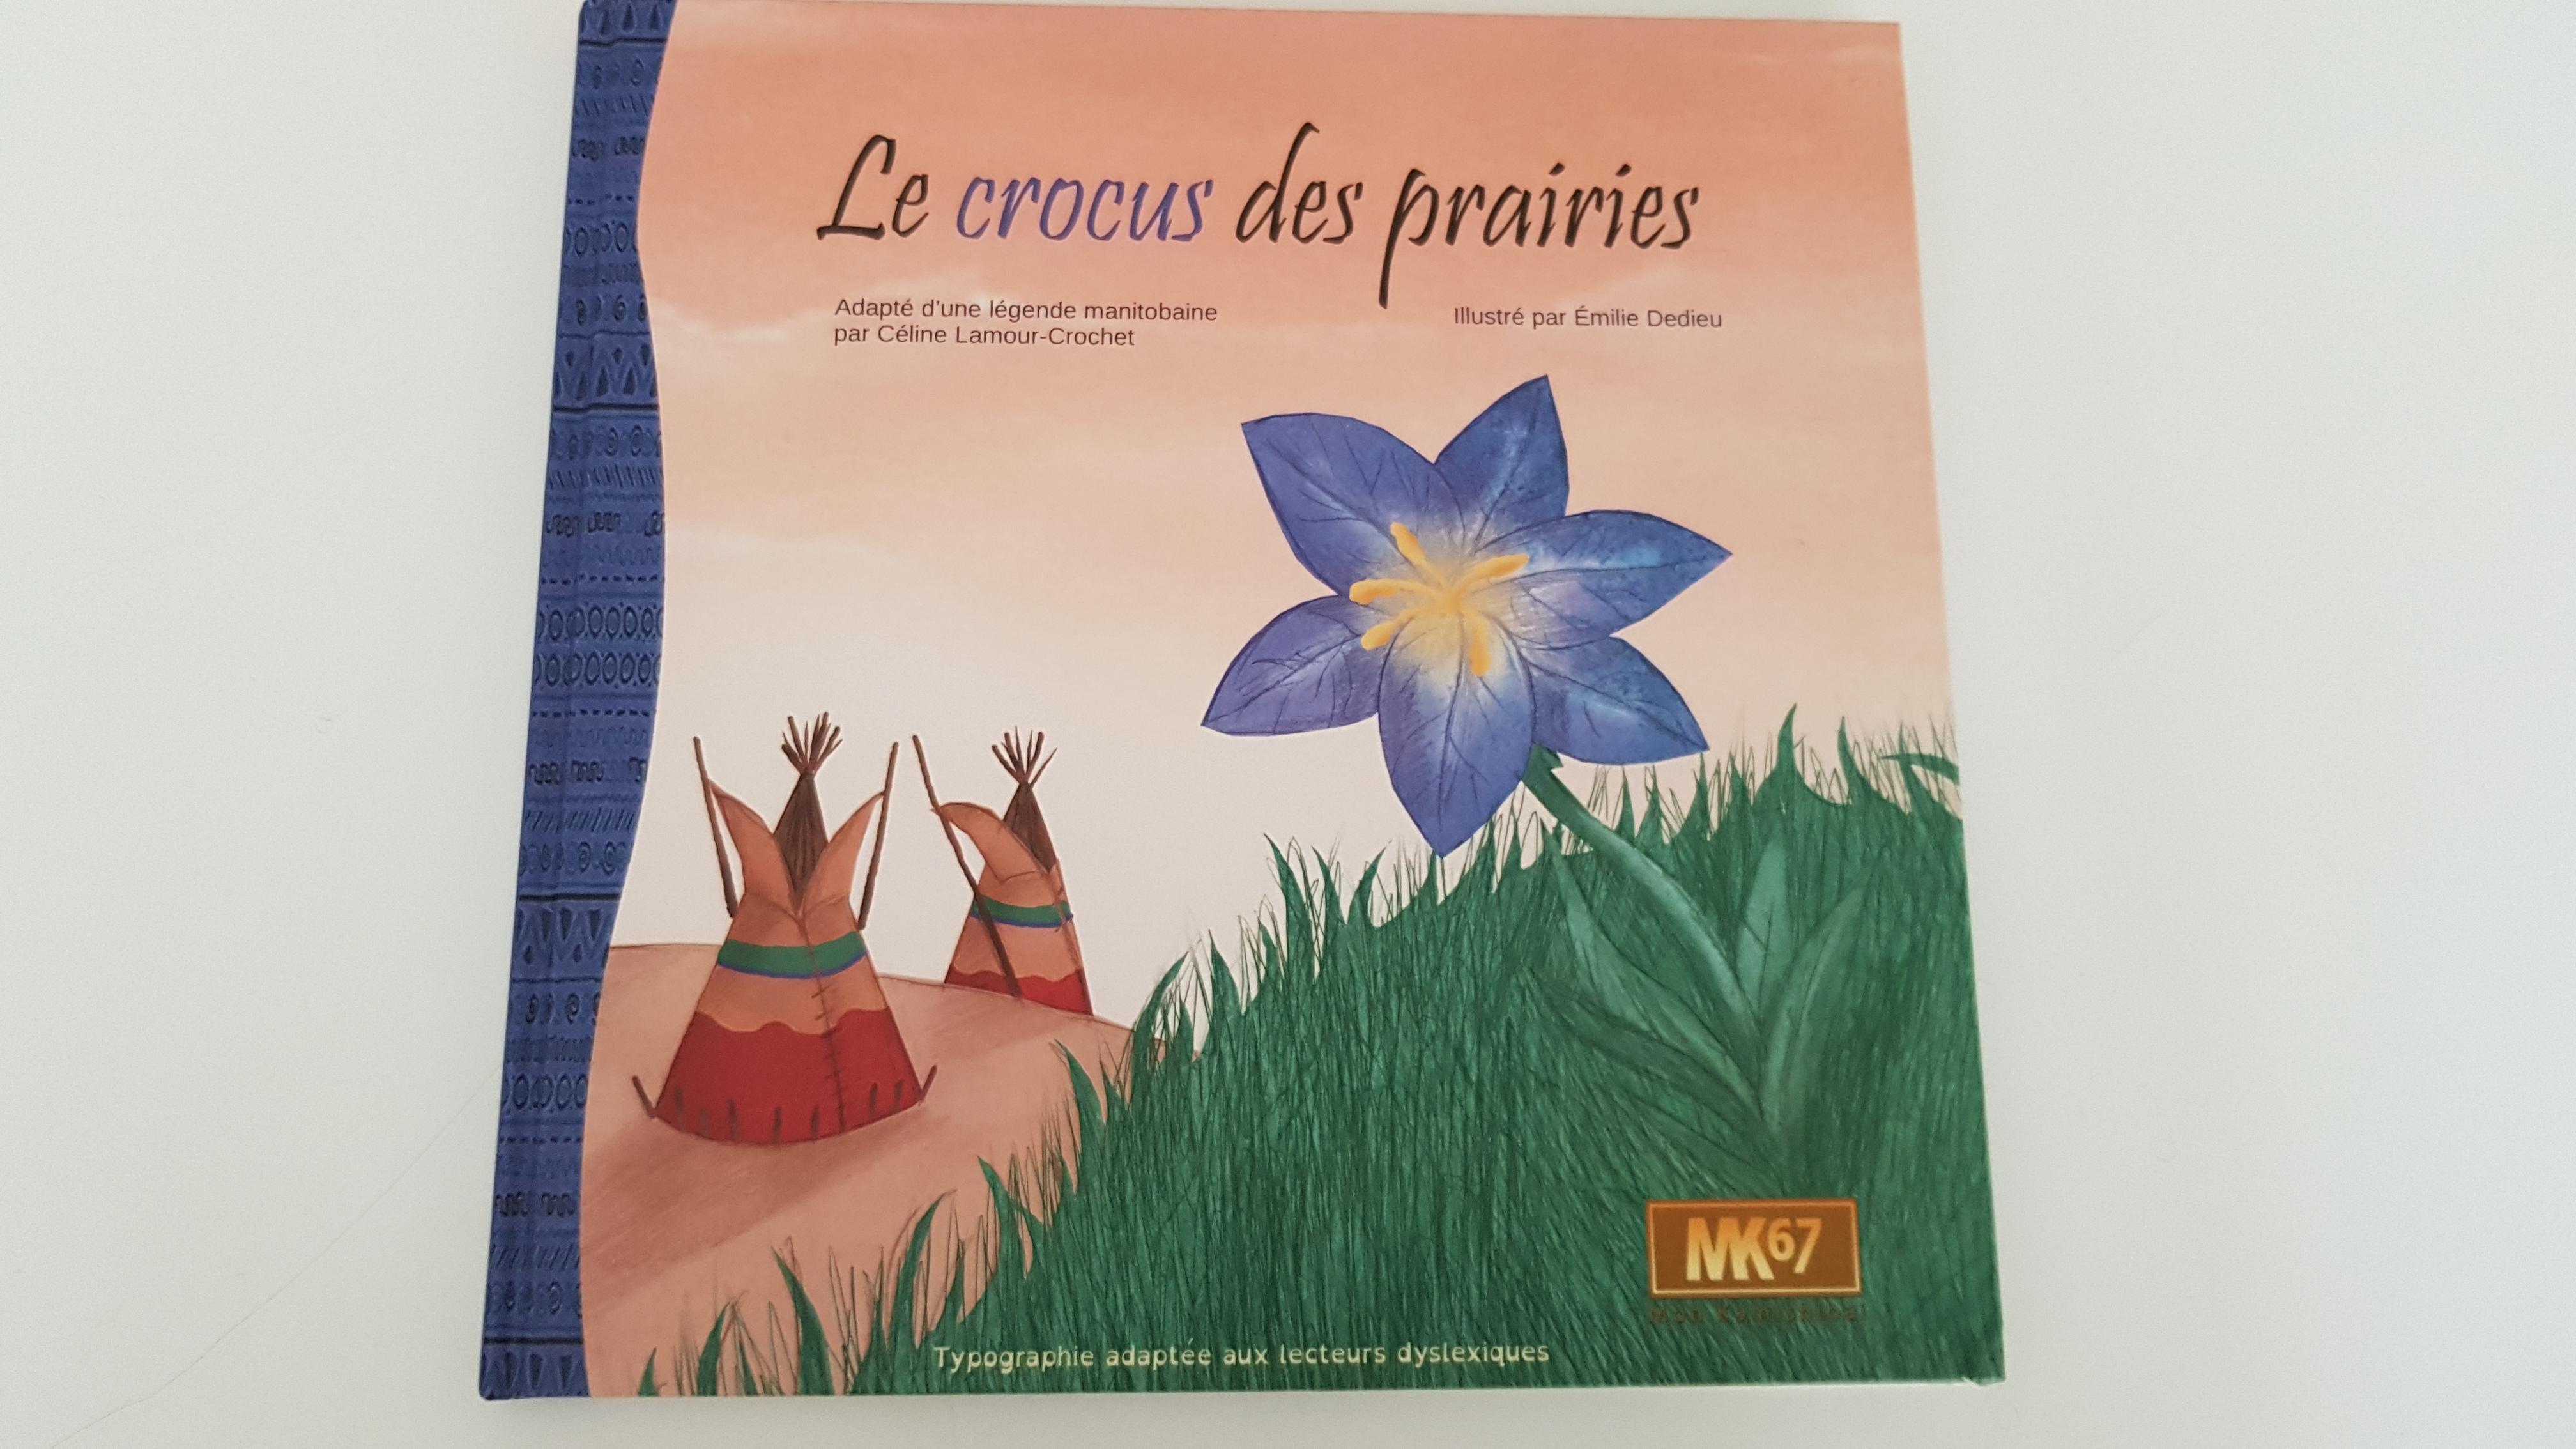 mk67 crocus des prairies